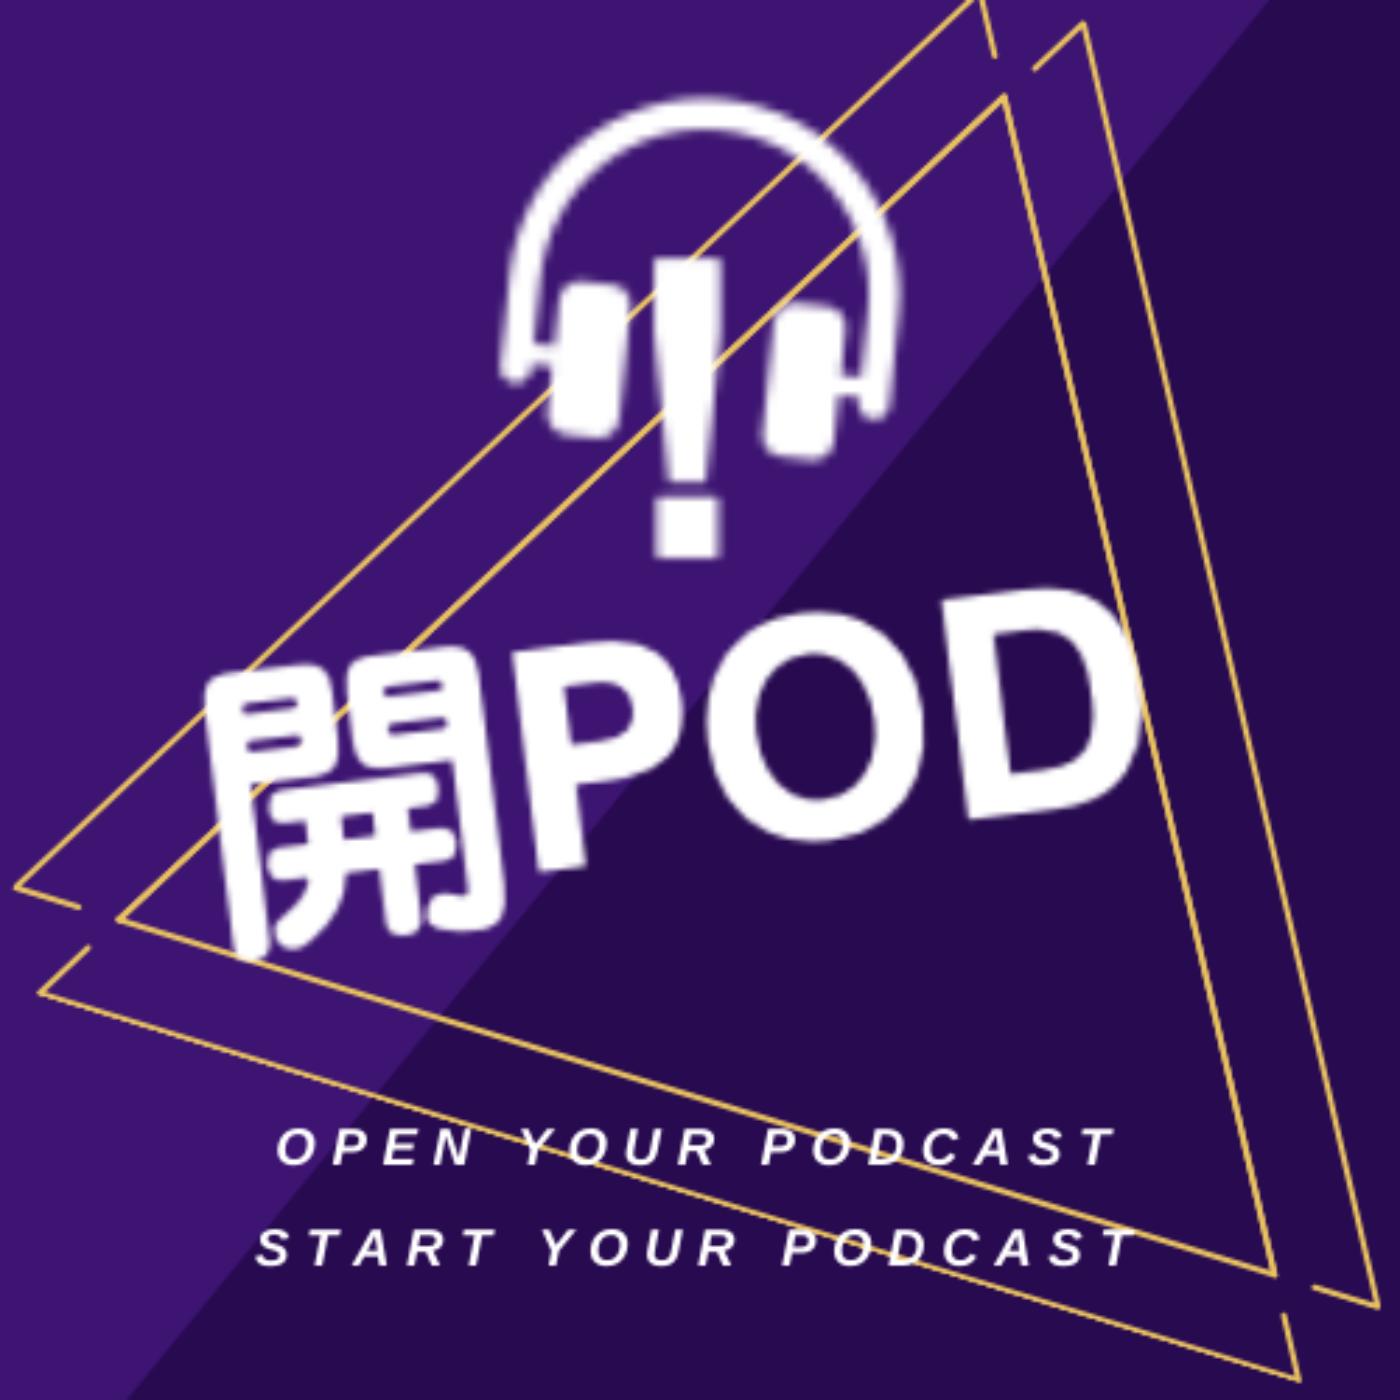 01-開Pod開Podcast了!台南高雄孵蛋Podcaster社群,從實體活動到以聲音紀錄和分享活動,如果你沒能來現場,也希望透過聲音參與我們一起分享。